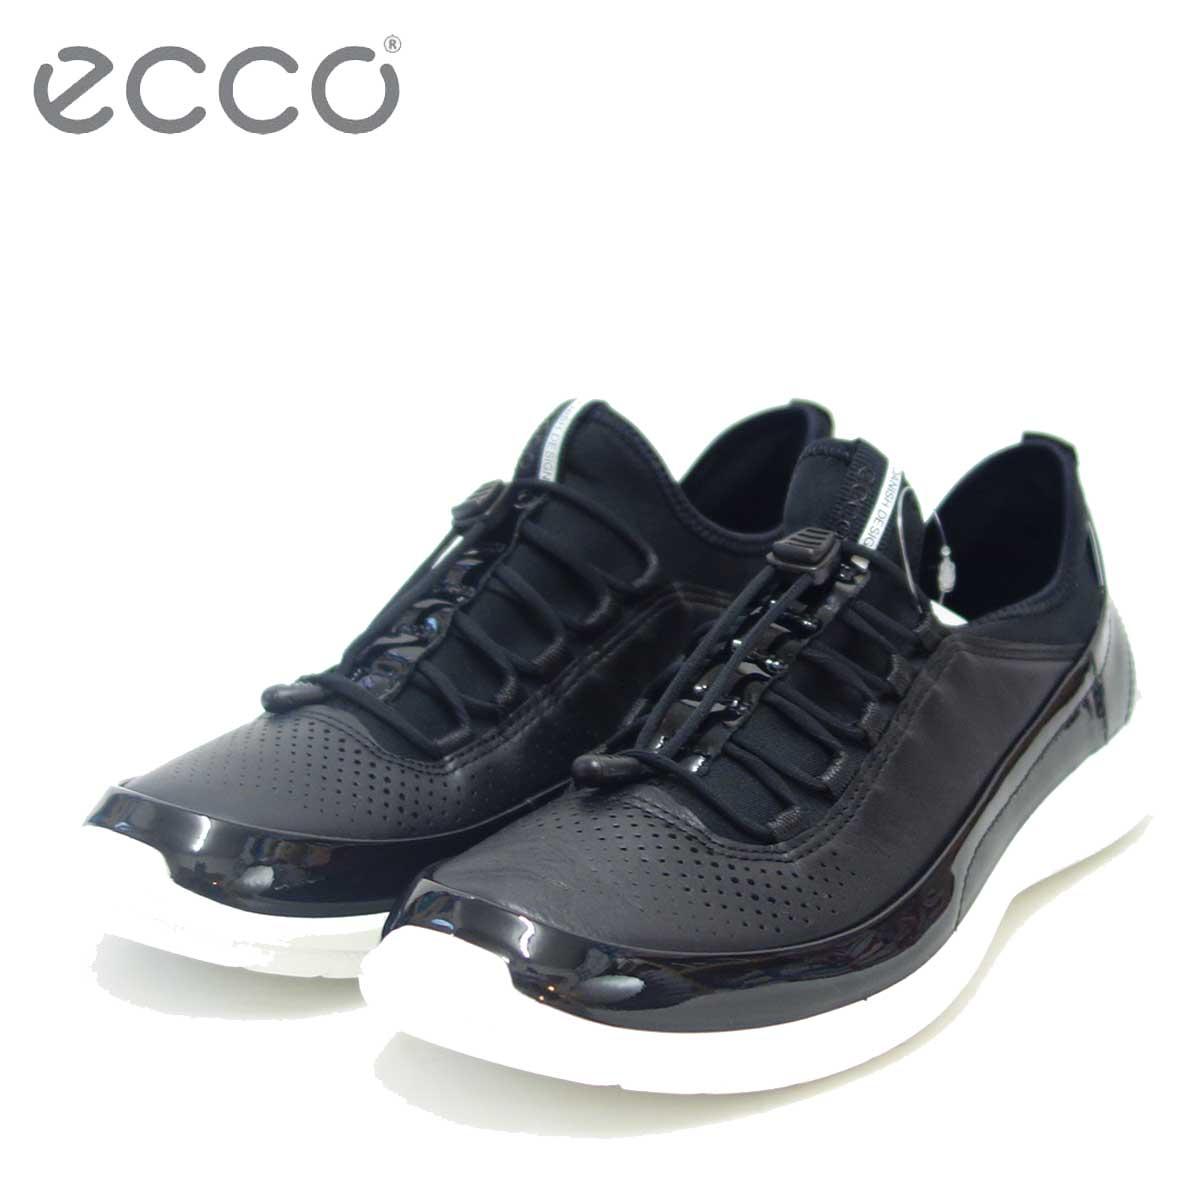 ECCO エコー 283013 ブラック (レディース)快適な履き心地のレースアップシューズ天然皮革コンフォートシューズ「靴」